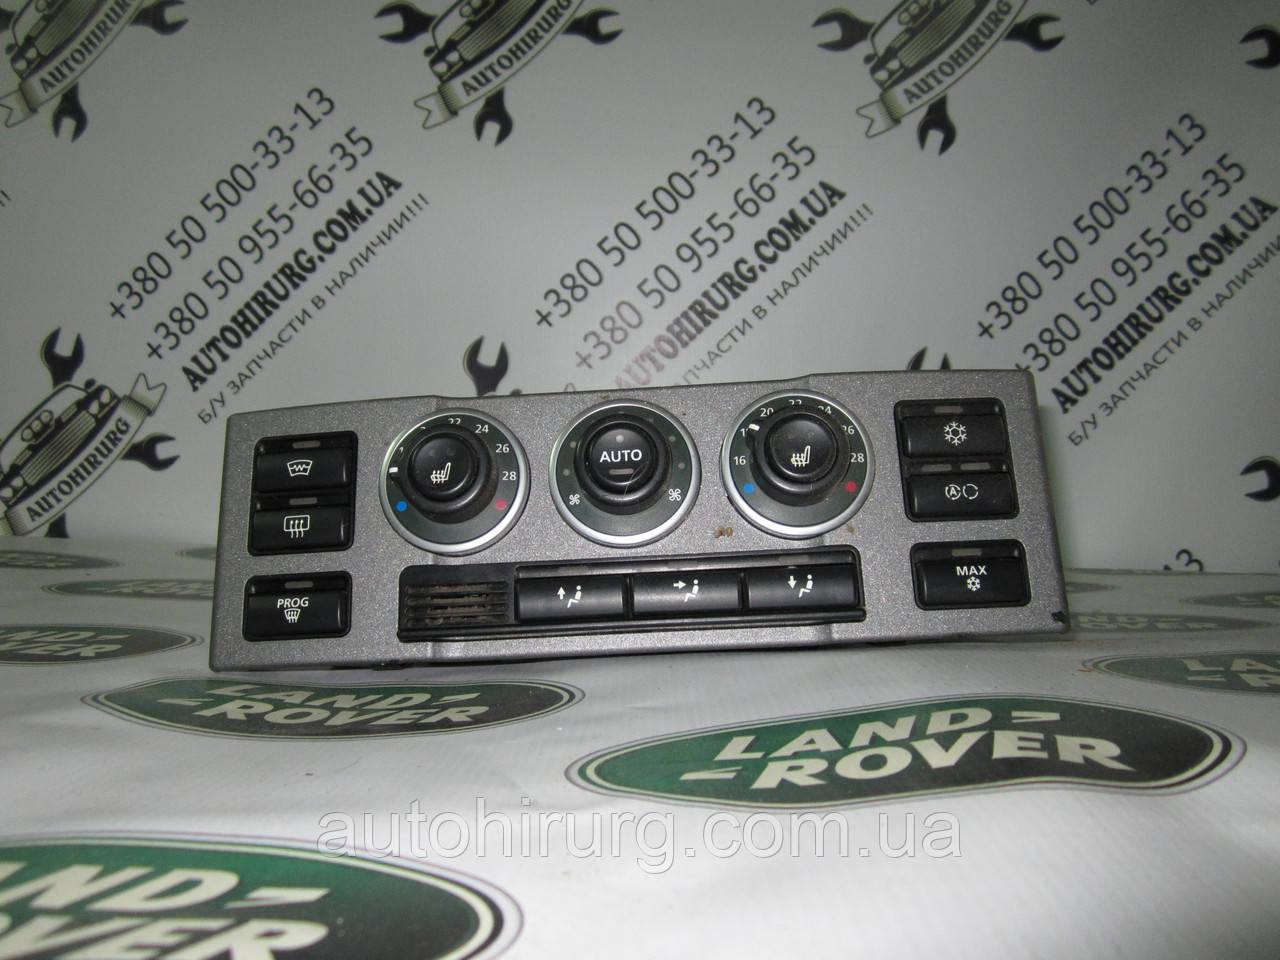 Панель управления климат-контролем Range Rover vogue (JFC000373), фото 1